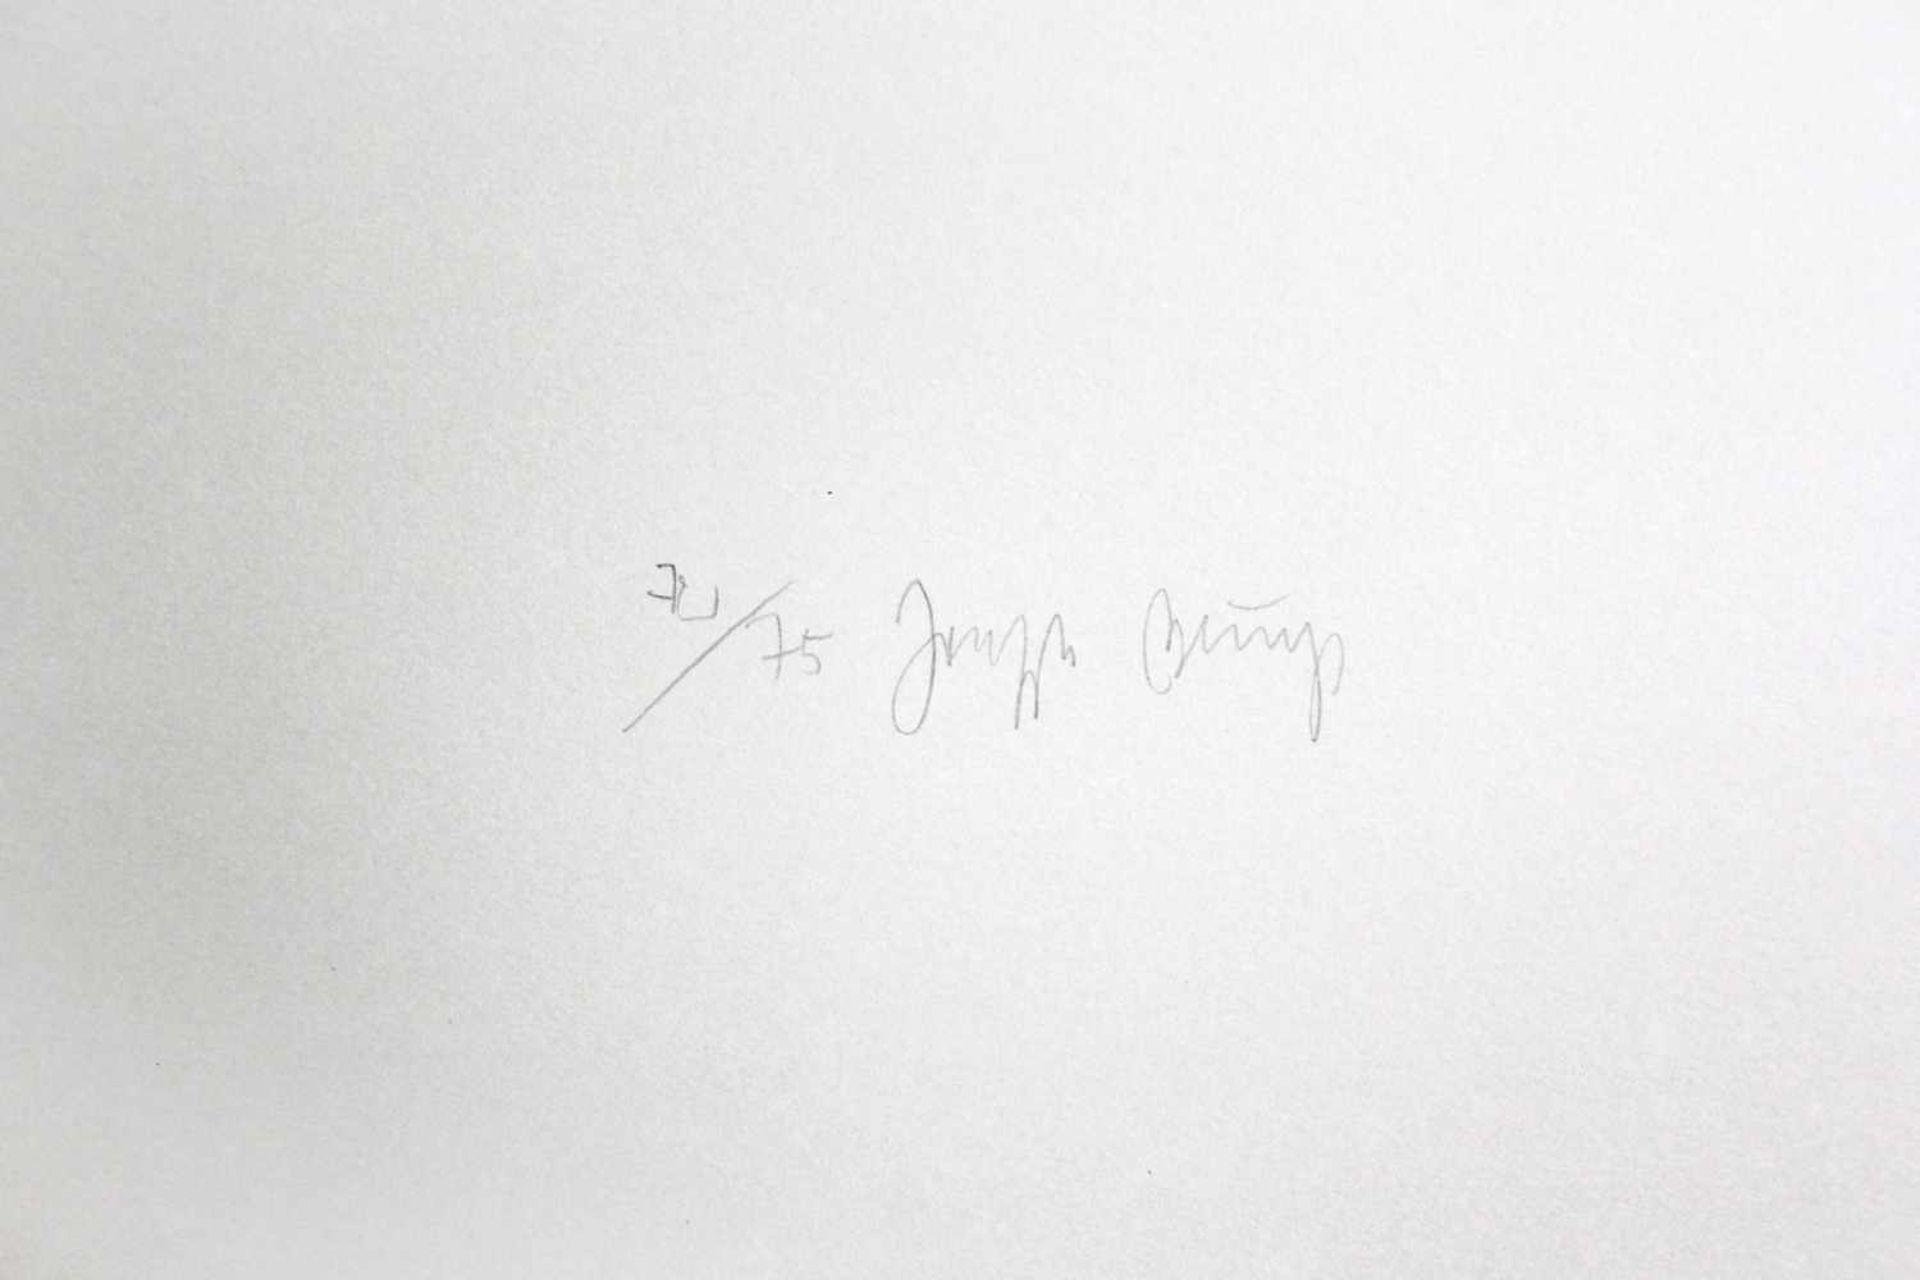 Joseph Beuys 1921 - 1986 Kreuz des Saturn 1953/1982 Kaltnadelradierung auf Rives Gris aus der - Bild 2 aus 2